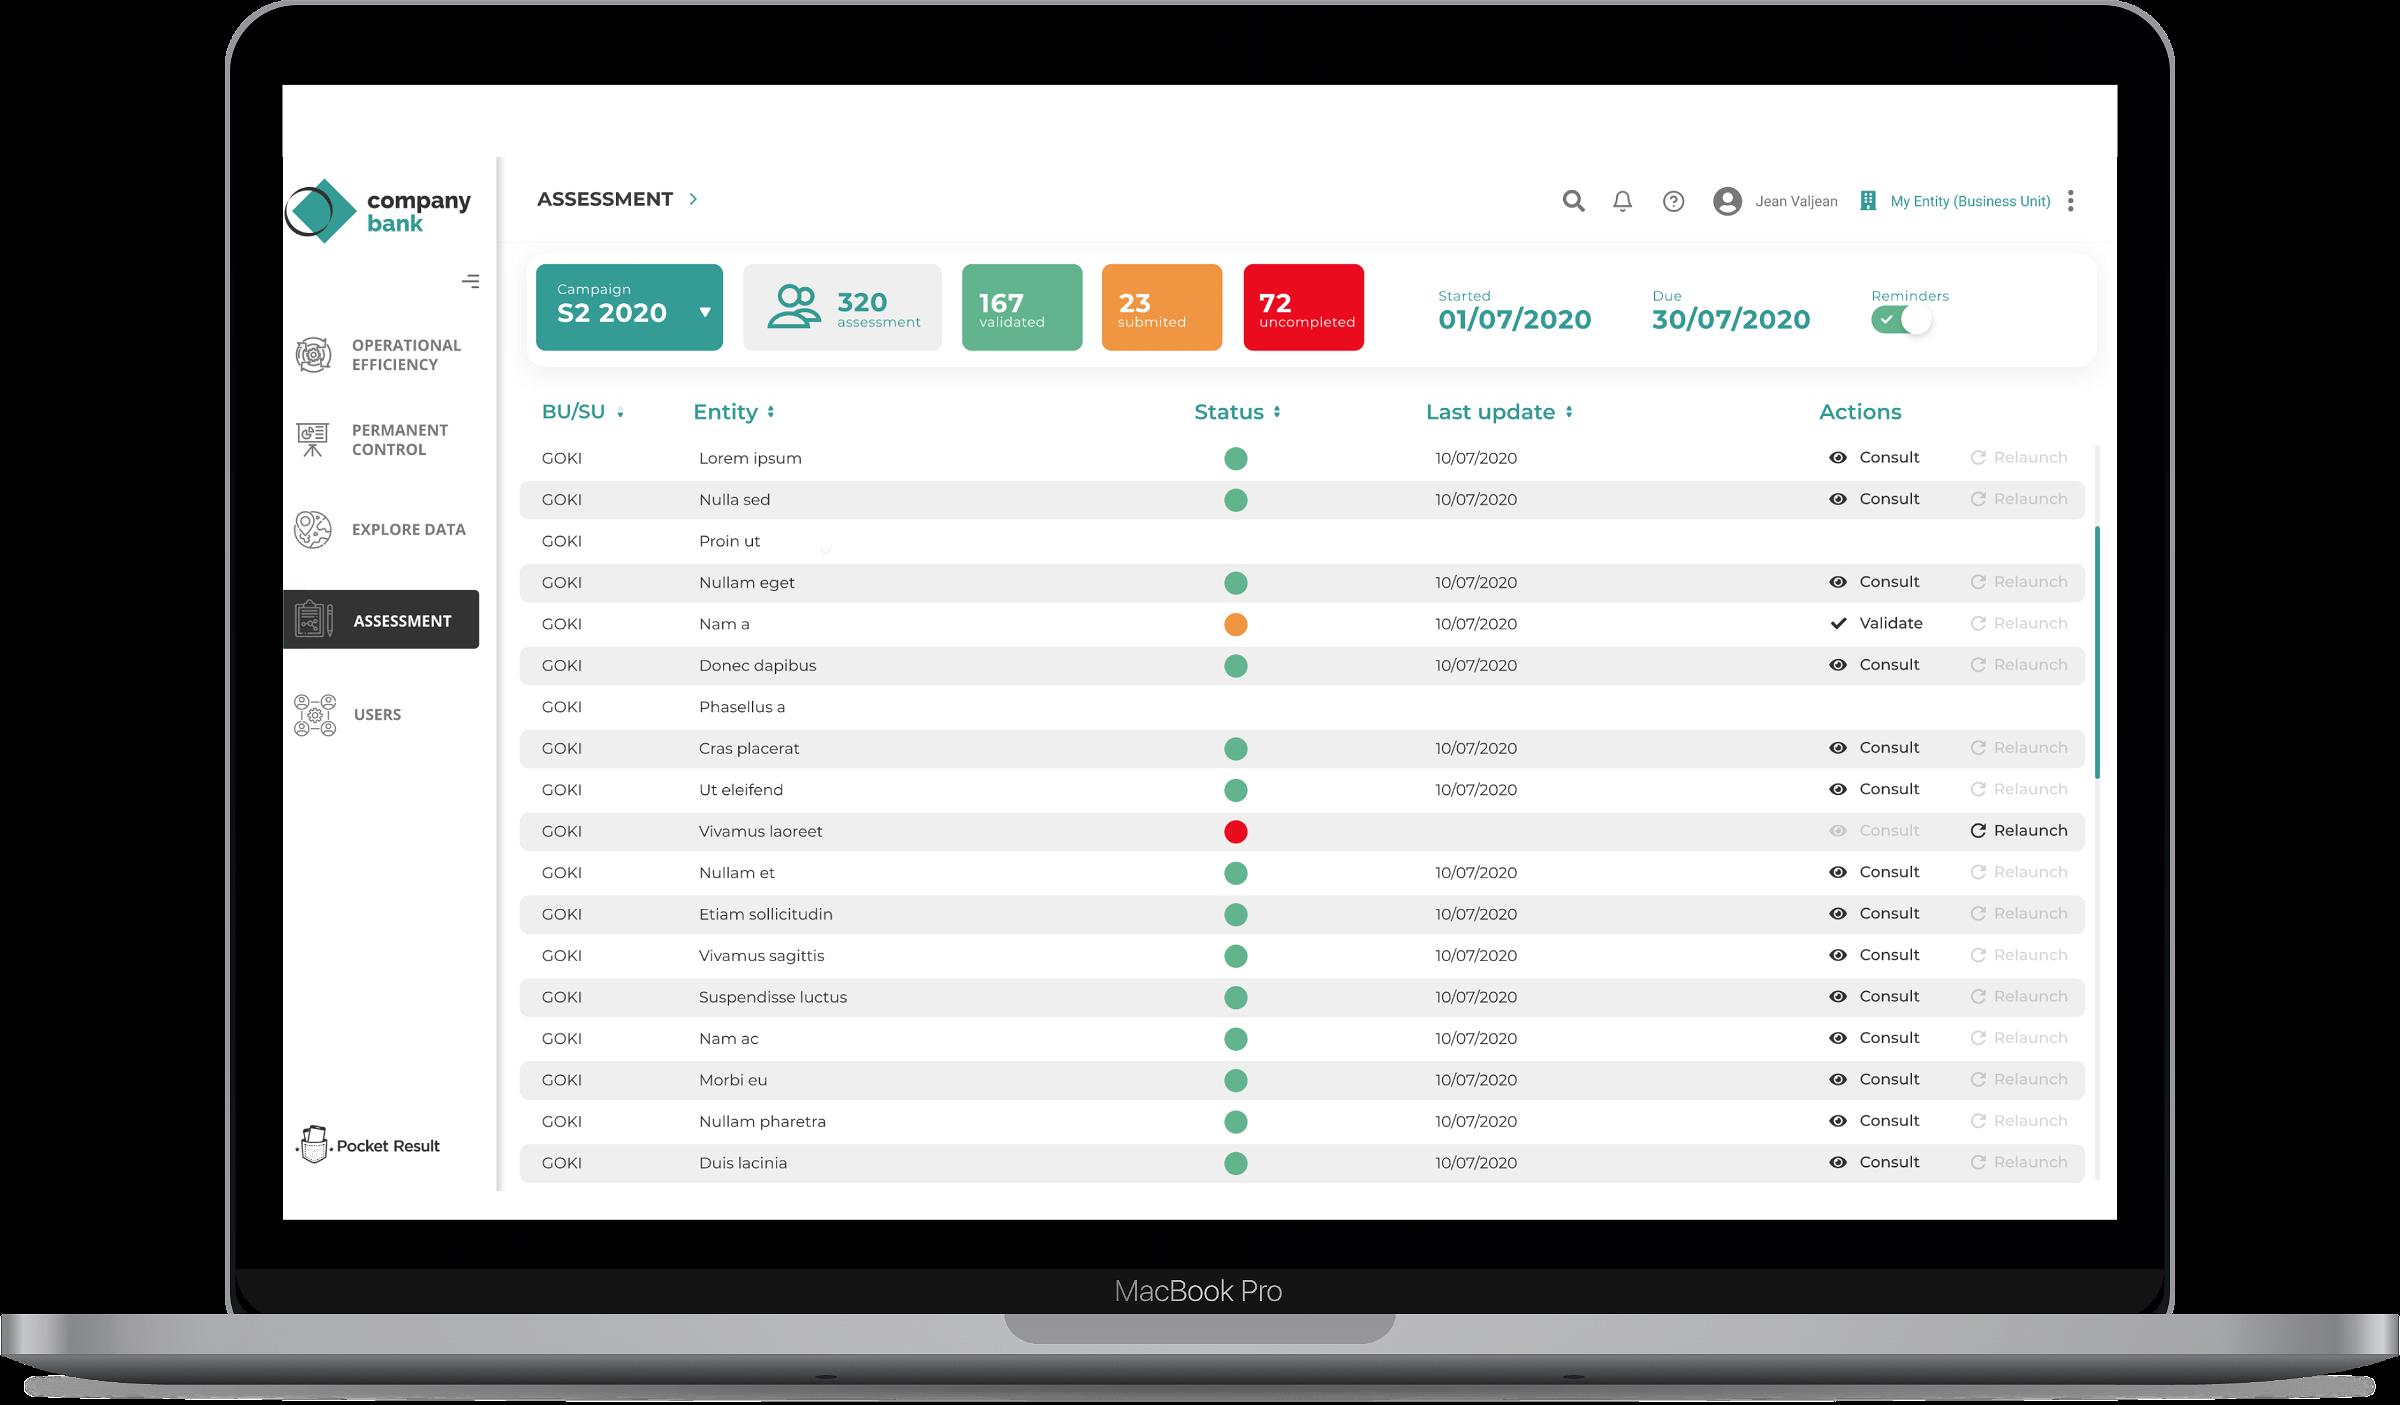 une application personnalisable, sécurisée et adaptable à vos processus